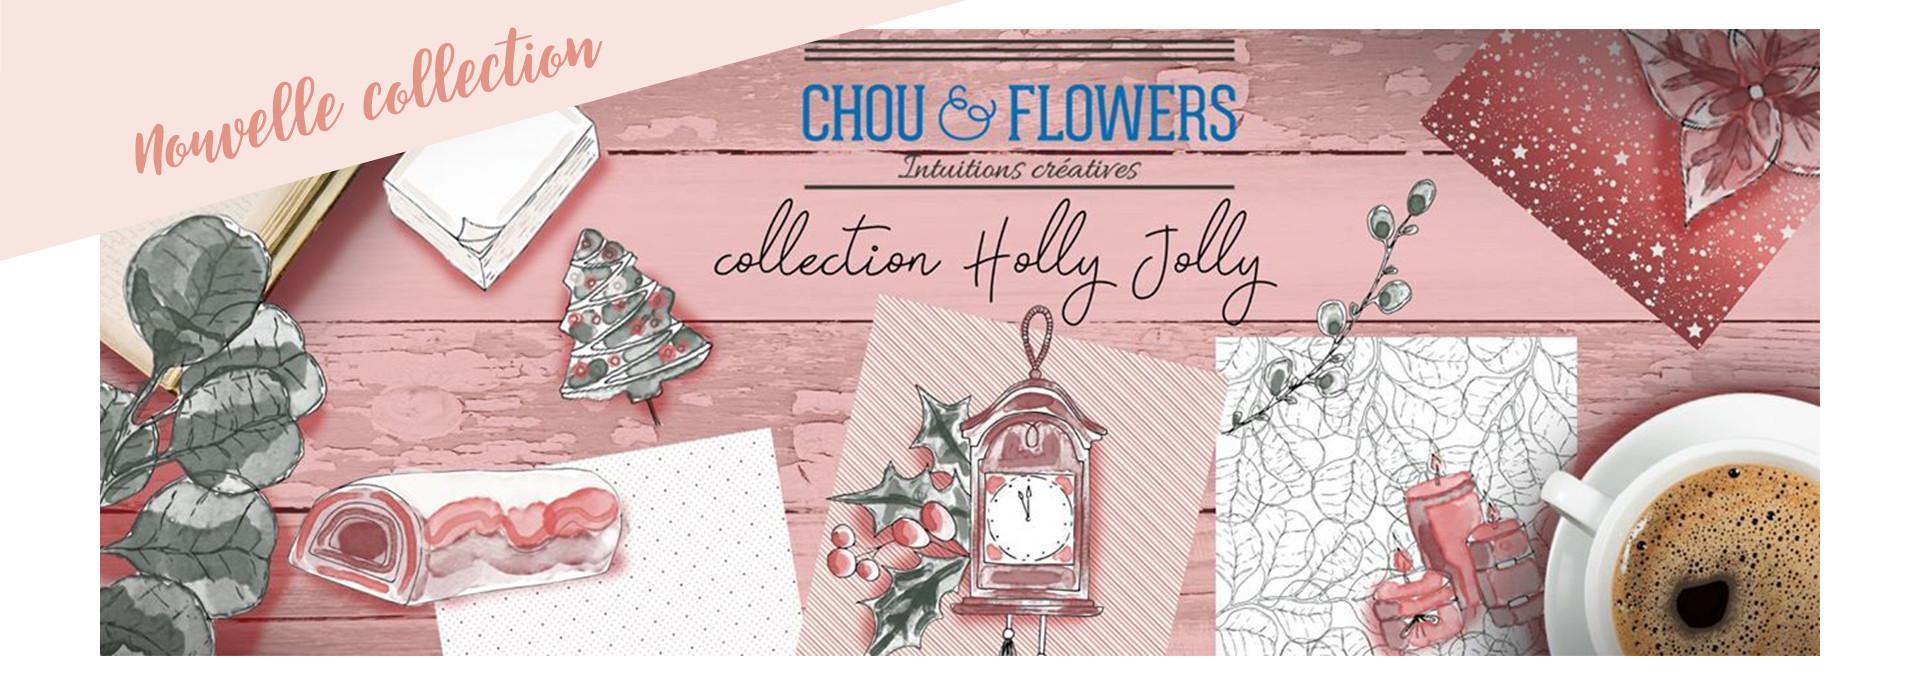 Nouvelle collection de Chou flowers